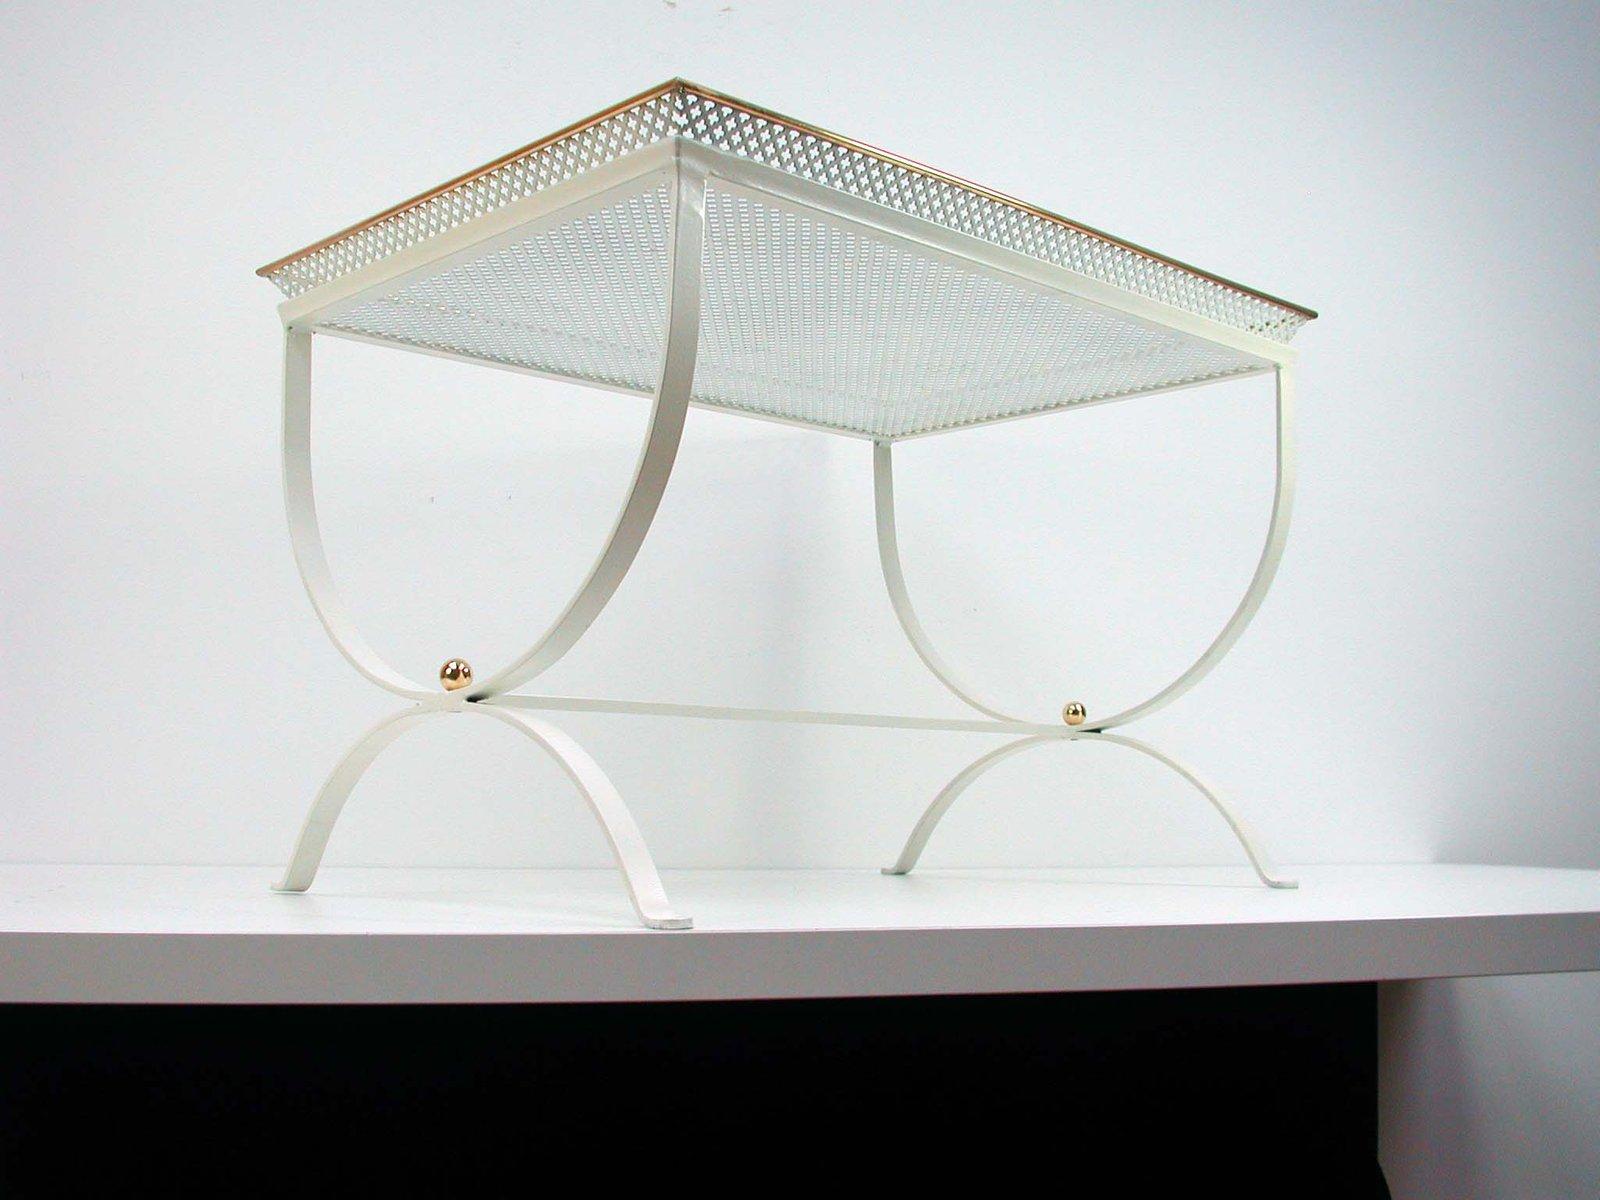 schneewei er beistelltisch aus frankreich 1950er bei pamono kaufen. Black Bedroom Furniture Sets. Home Design Ideas